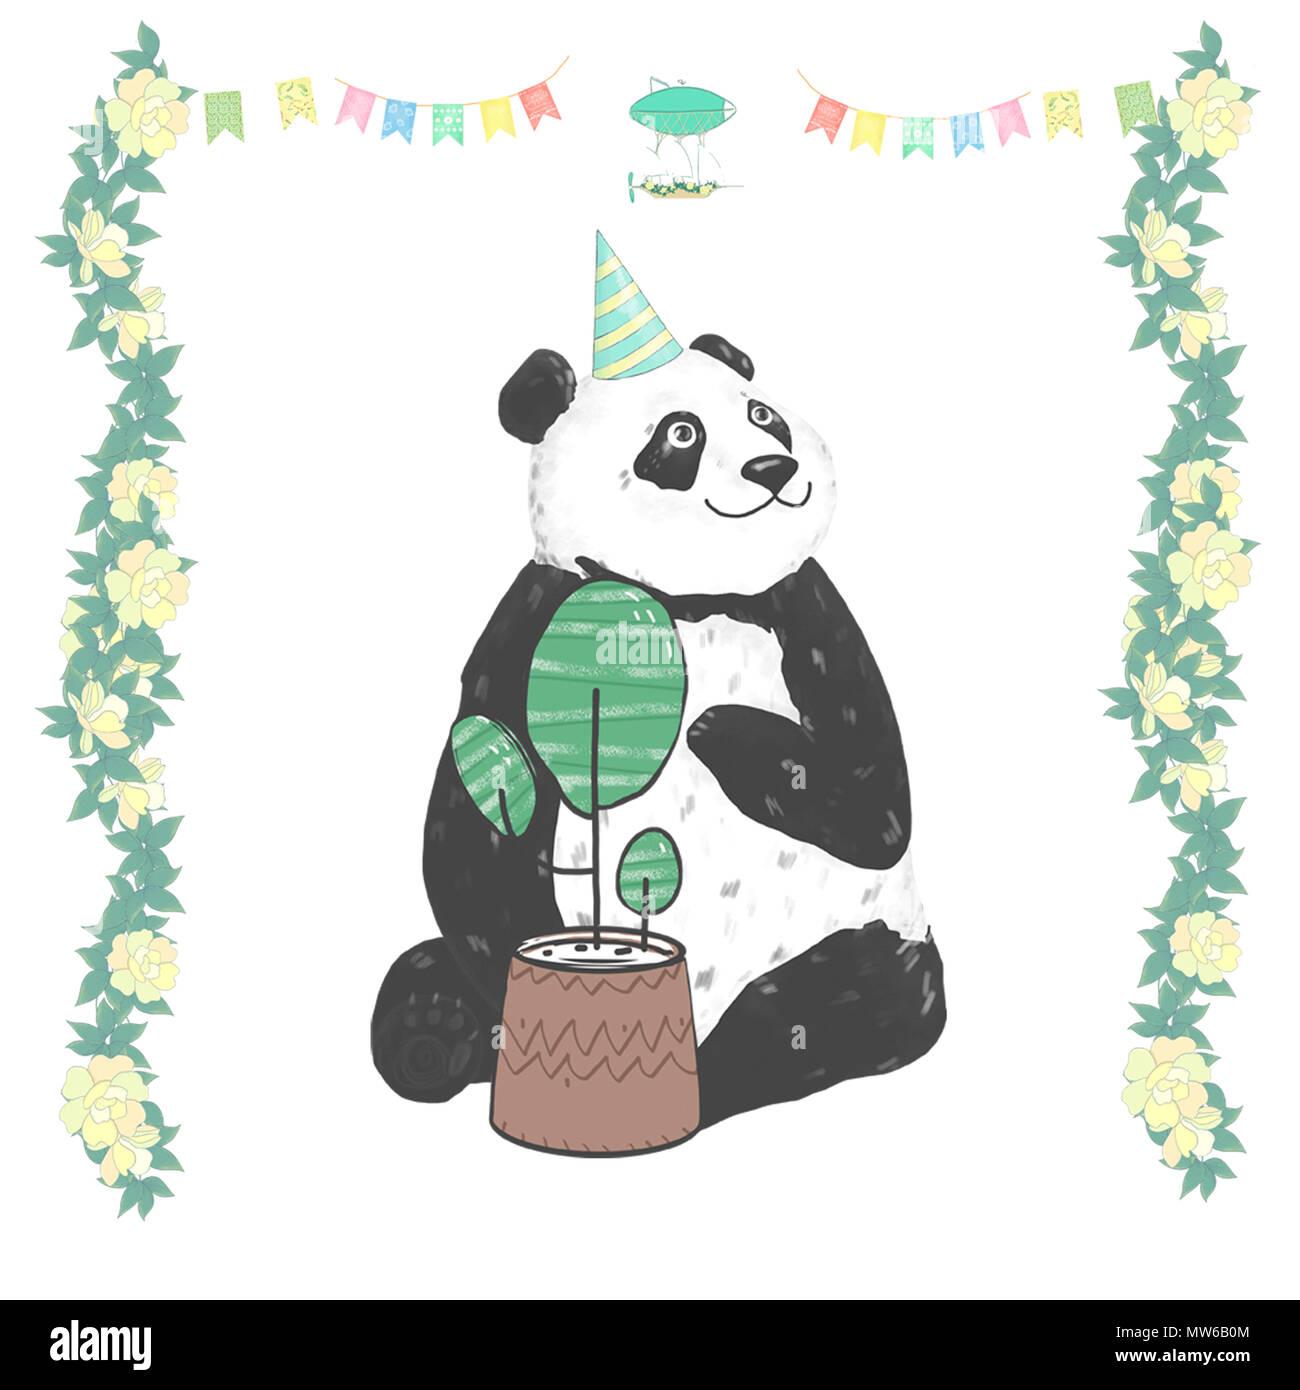 Panda clip art Zeichnung Tiere für Feier Geburtstag Karte gesetzt ...